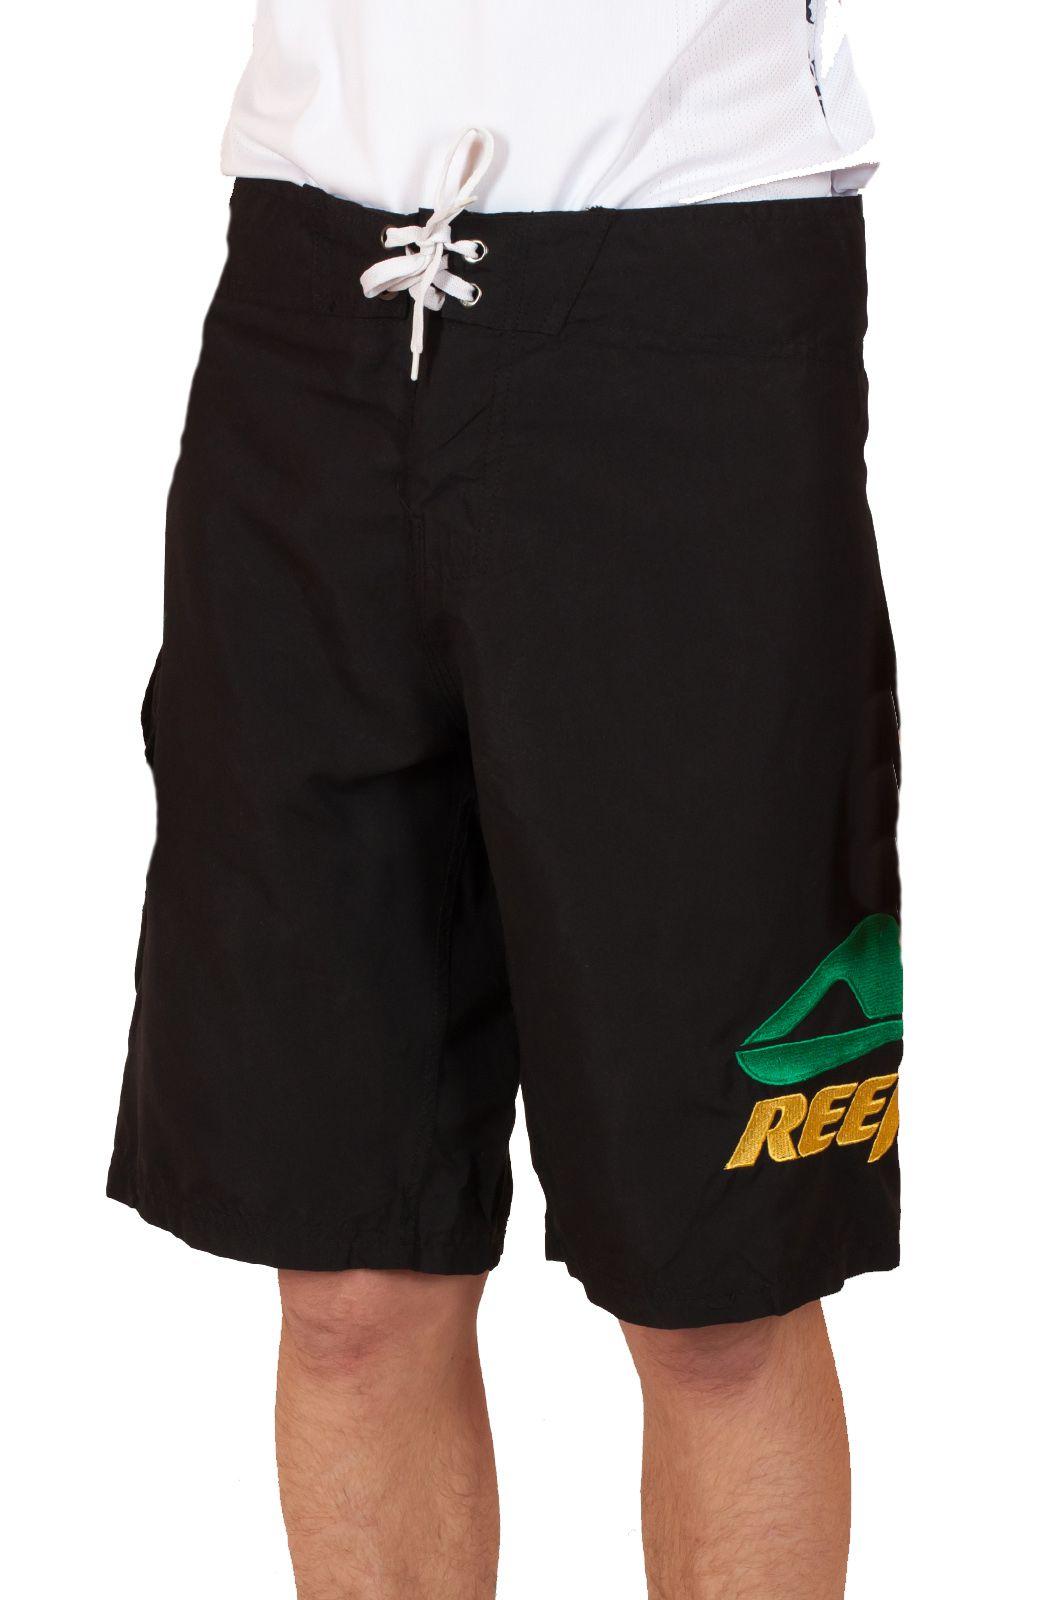 Летние шорты Reef для подростков - вид спереди